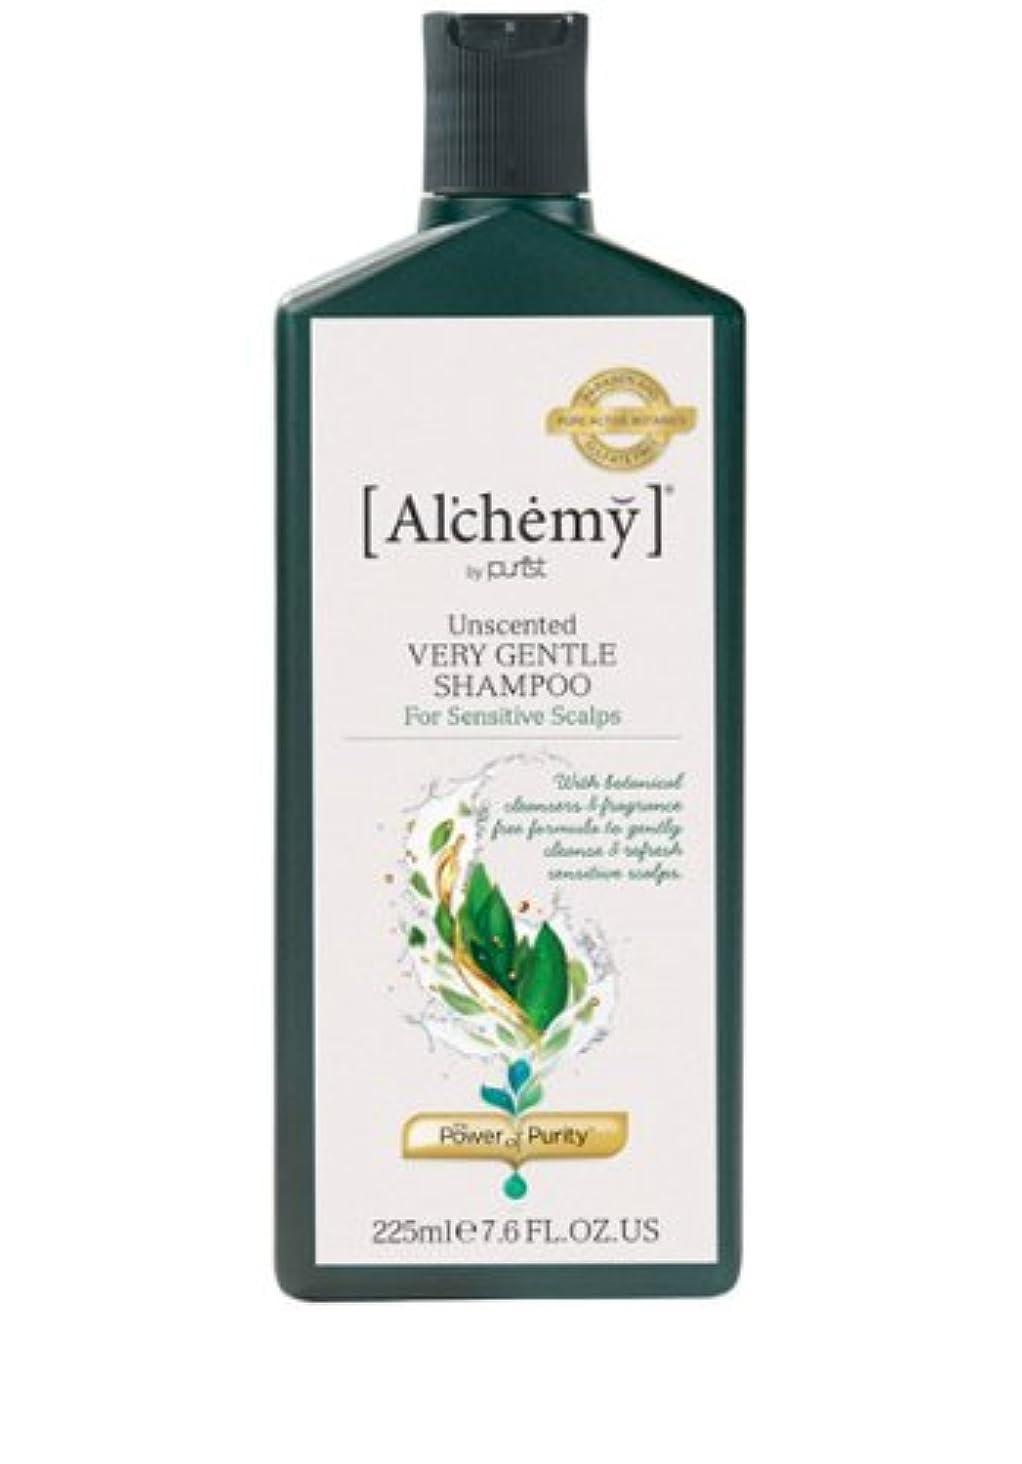 付き添い人紳士筋肉の【Al'chemy(alchemy)】アルケミー ベリージェントルシャンプー(Unscented Very Gentle Shampoo)(敏感肌用)225ml